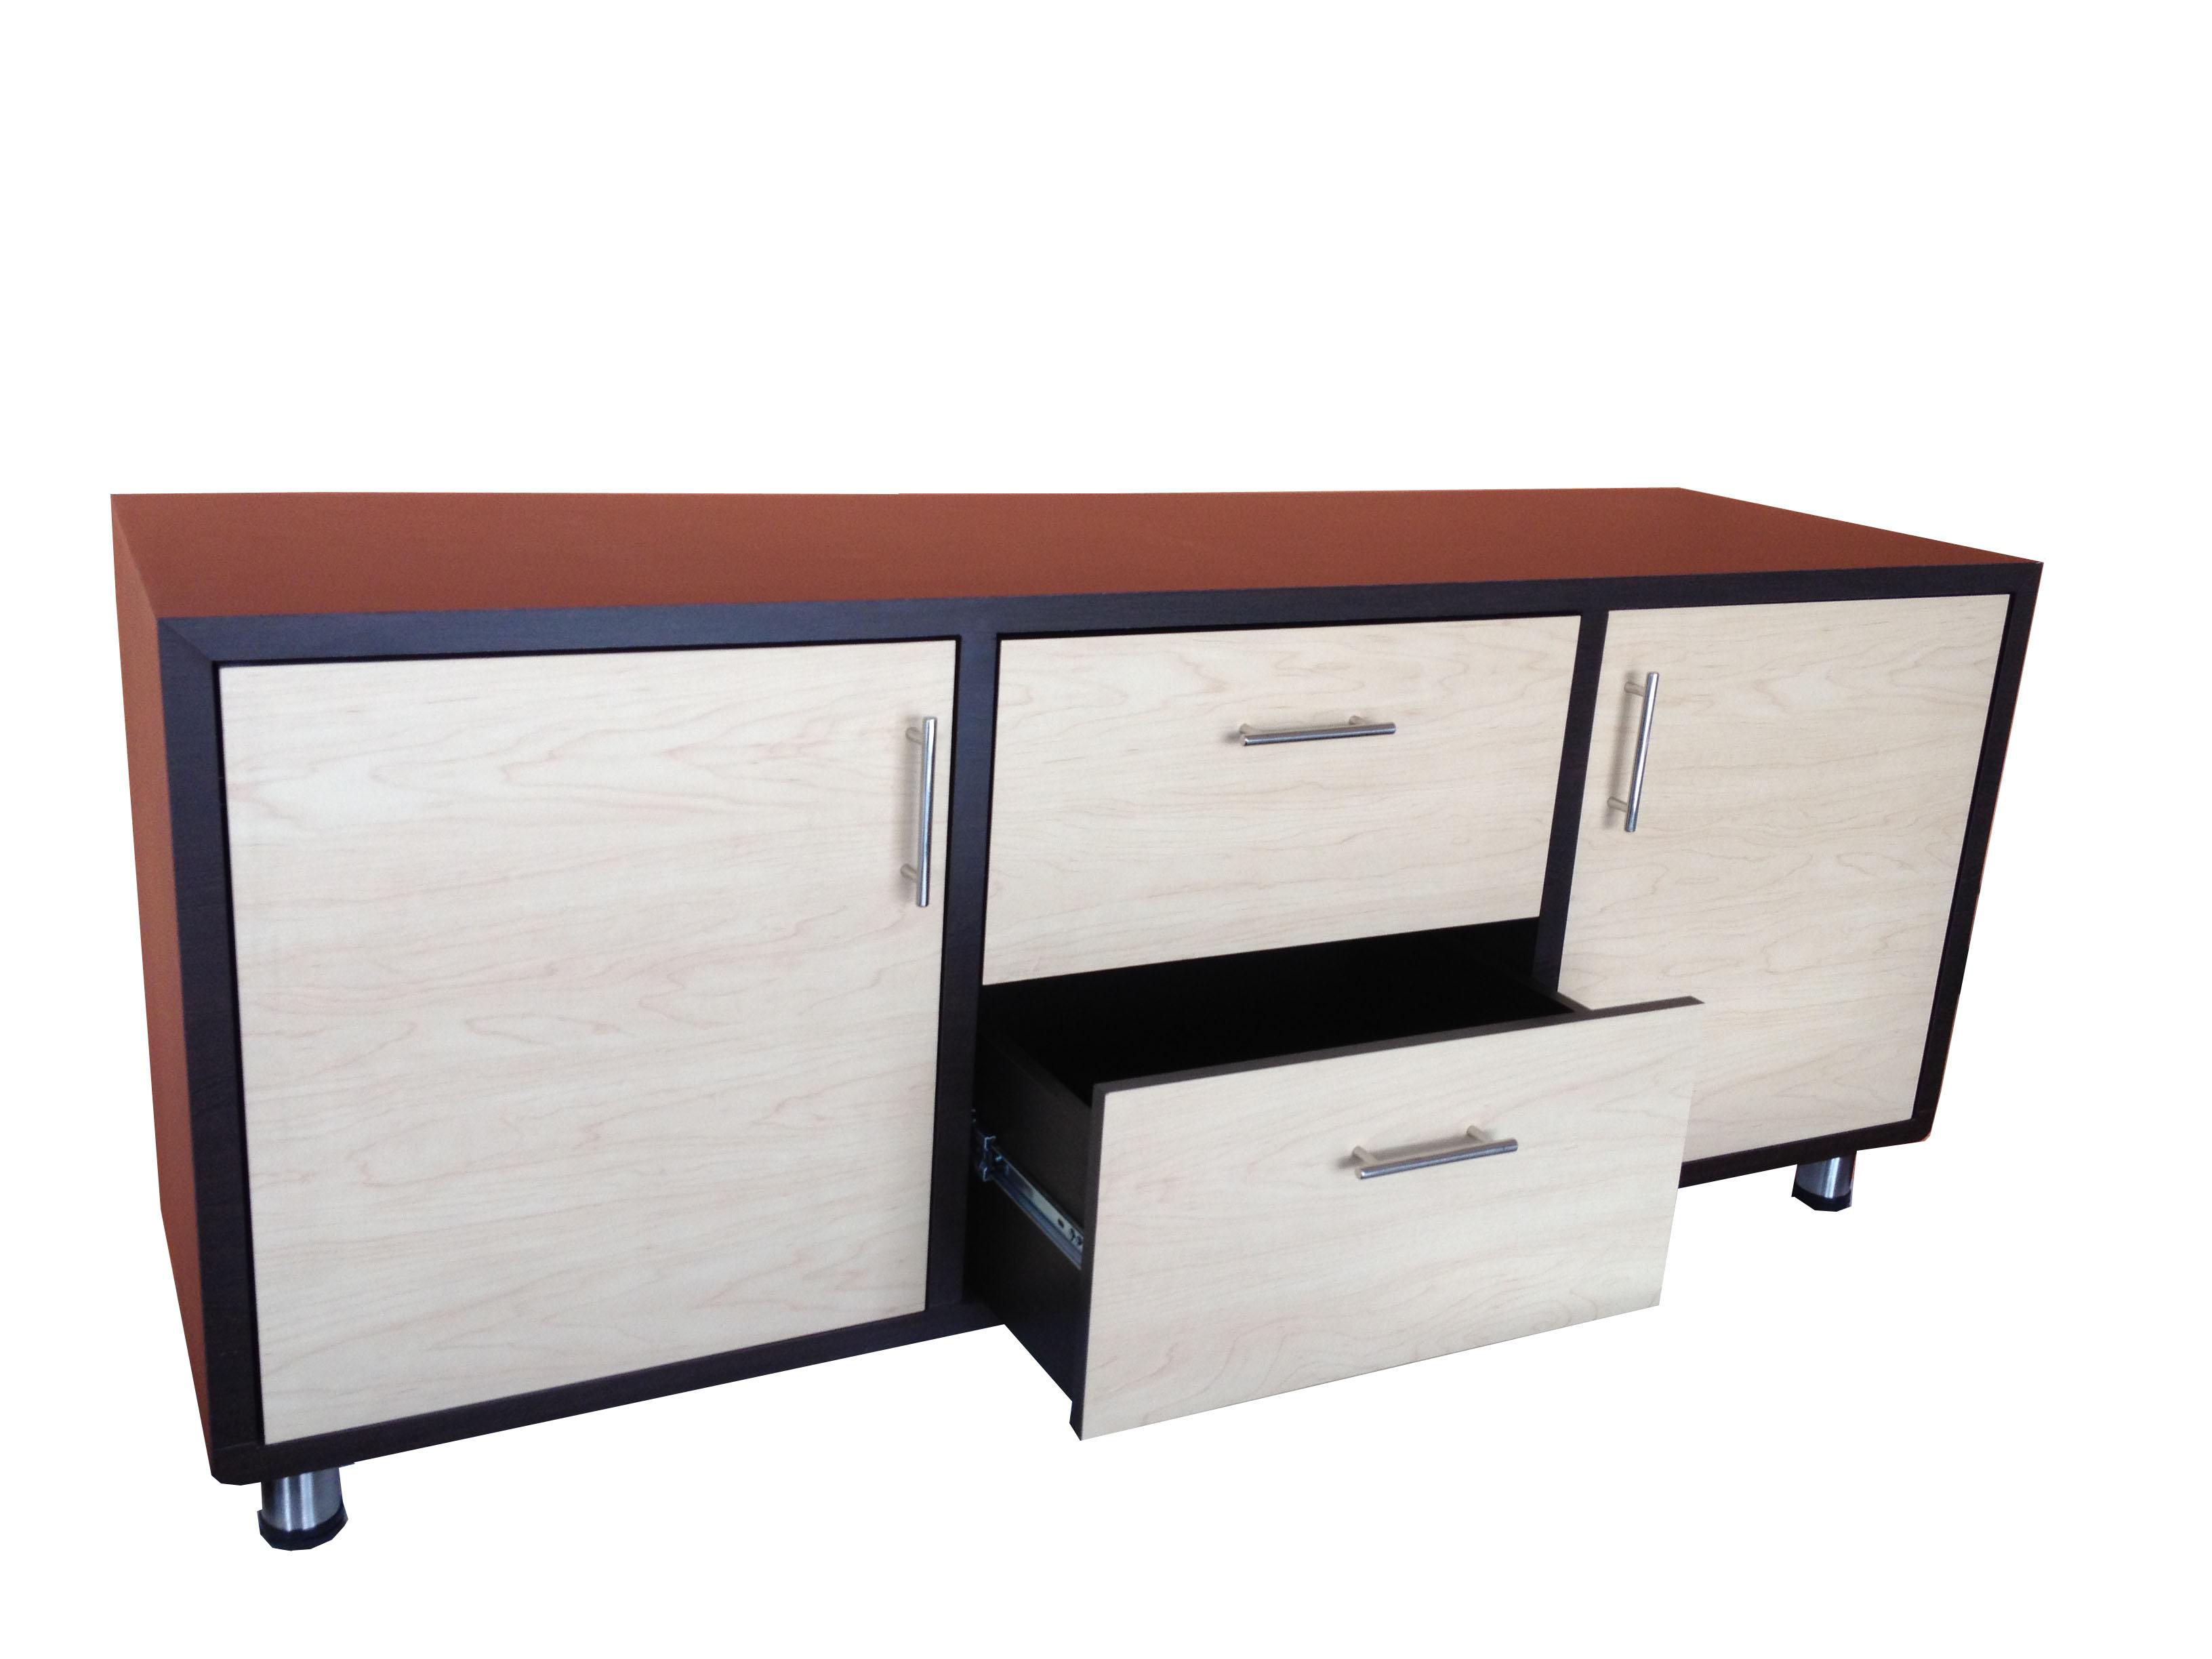 Archivadores cajoneras y lockers muebles bogota muebles for Muebles y muebles